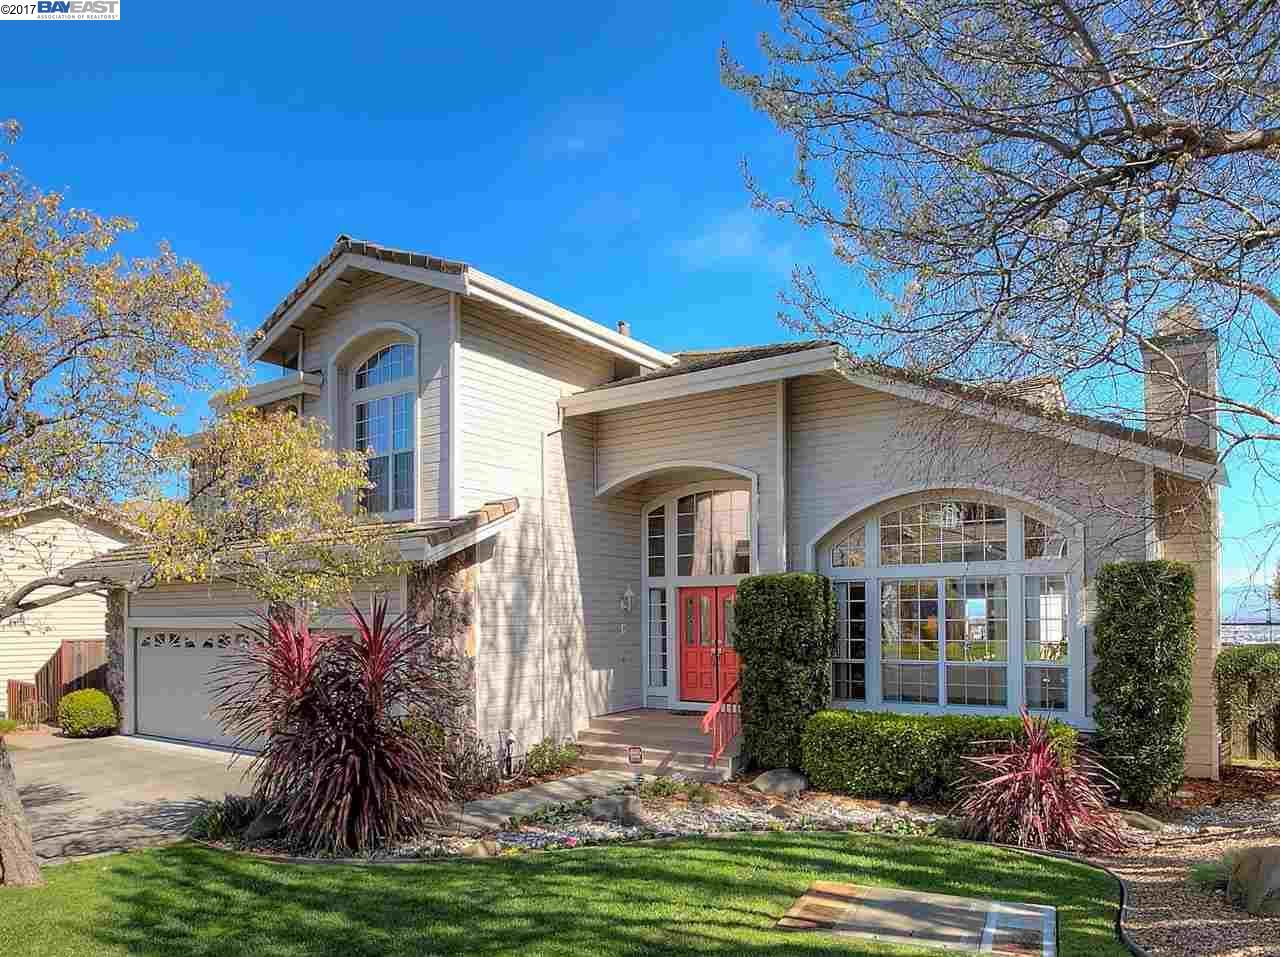 Частный односемейный дом для того Продажа на 11367 VILLAGE VIEW COURT Dublin, Калифорния 94568 Соединенные Штаты